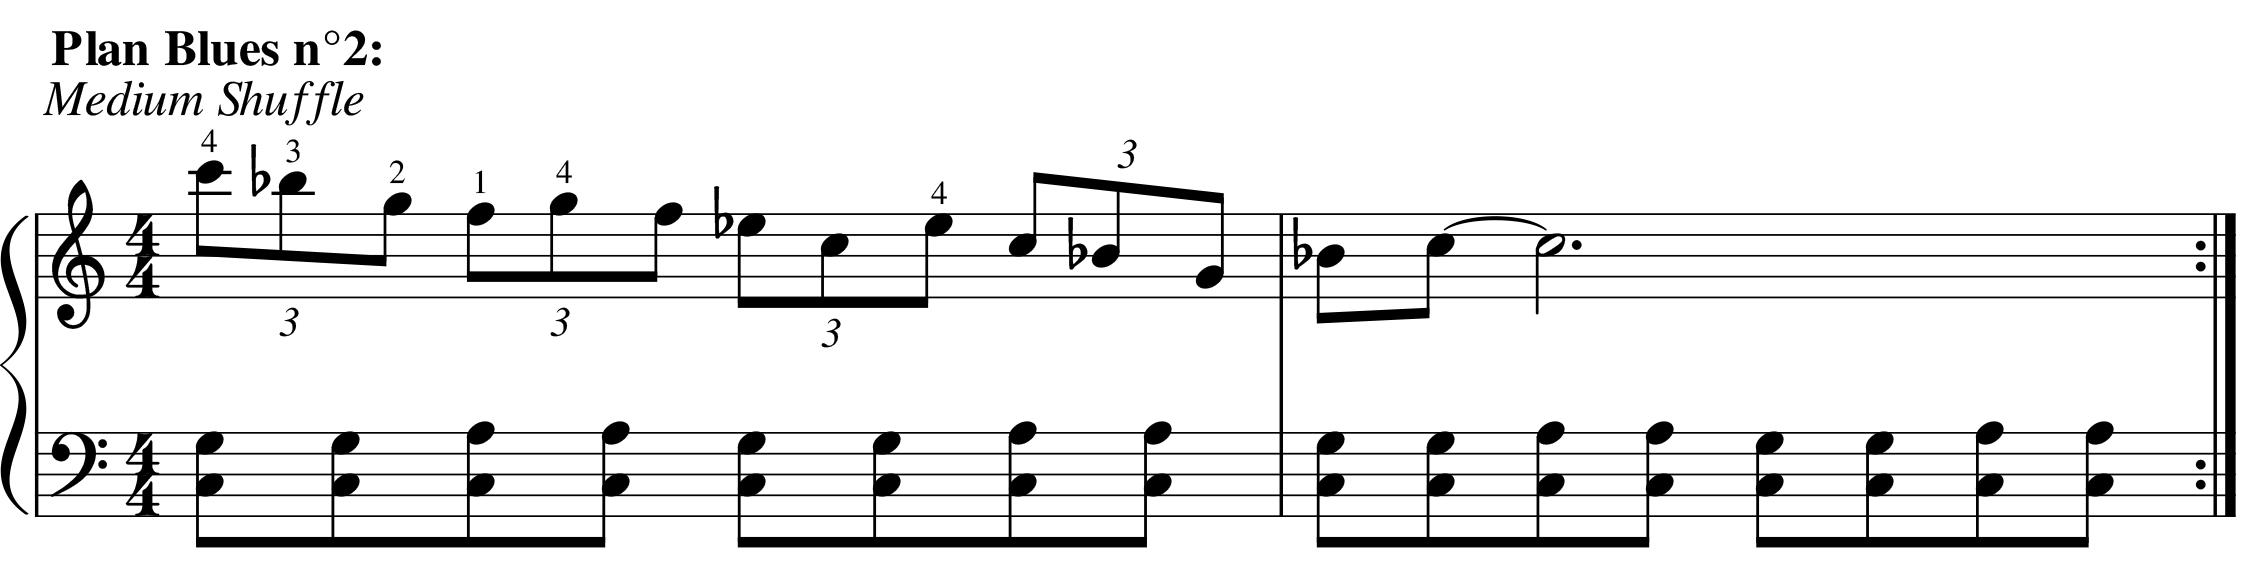 plan-blues-2-shuffle